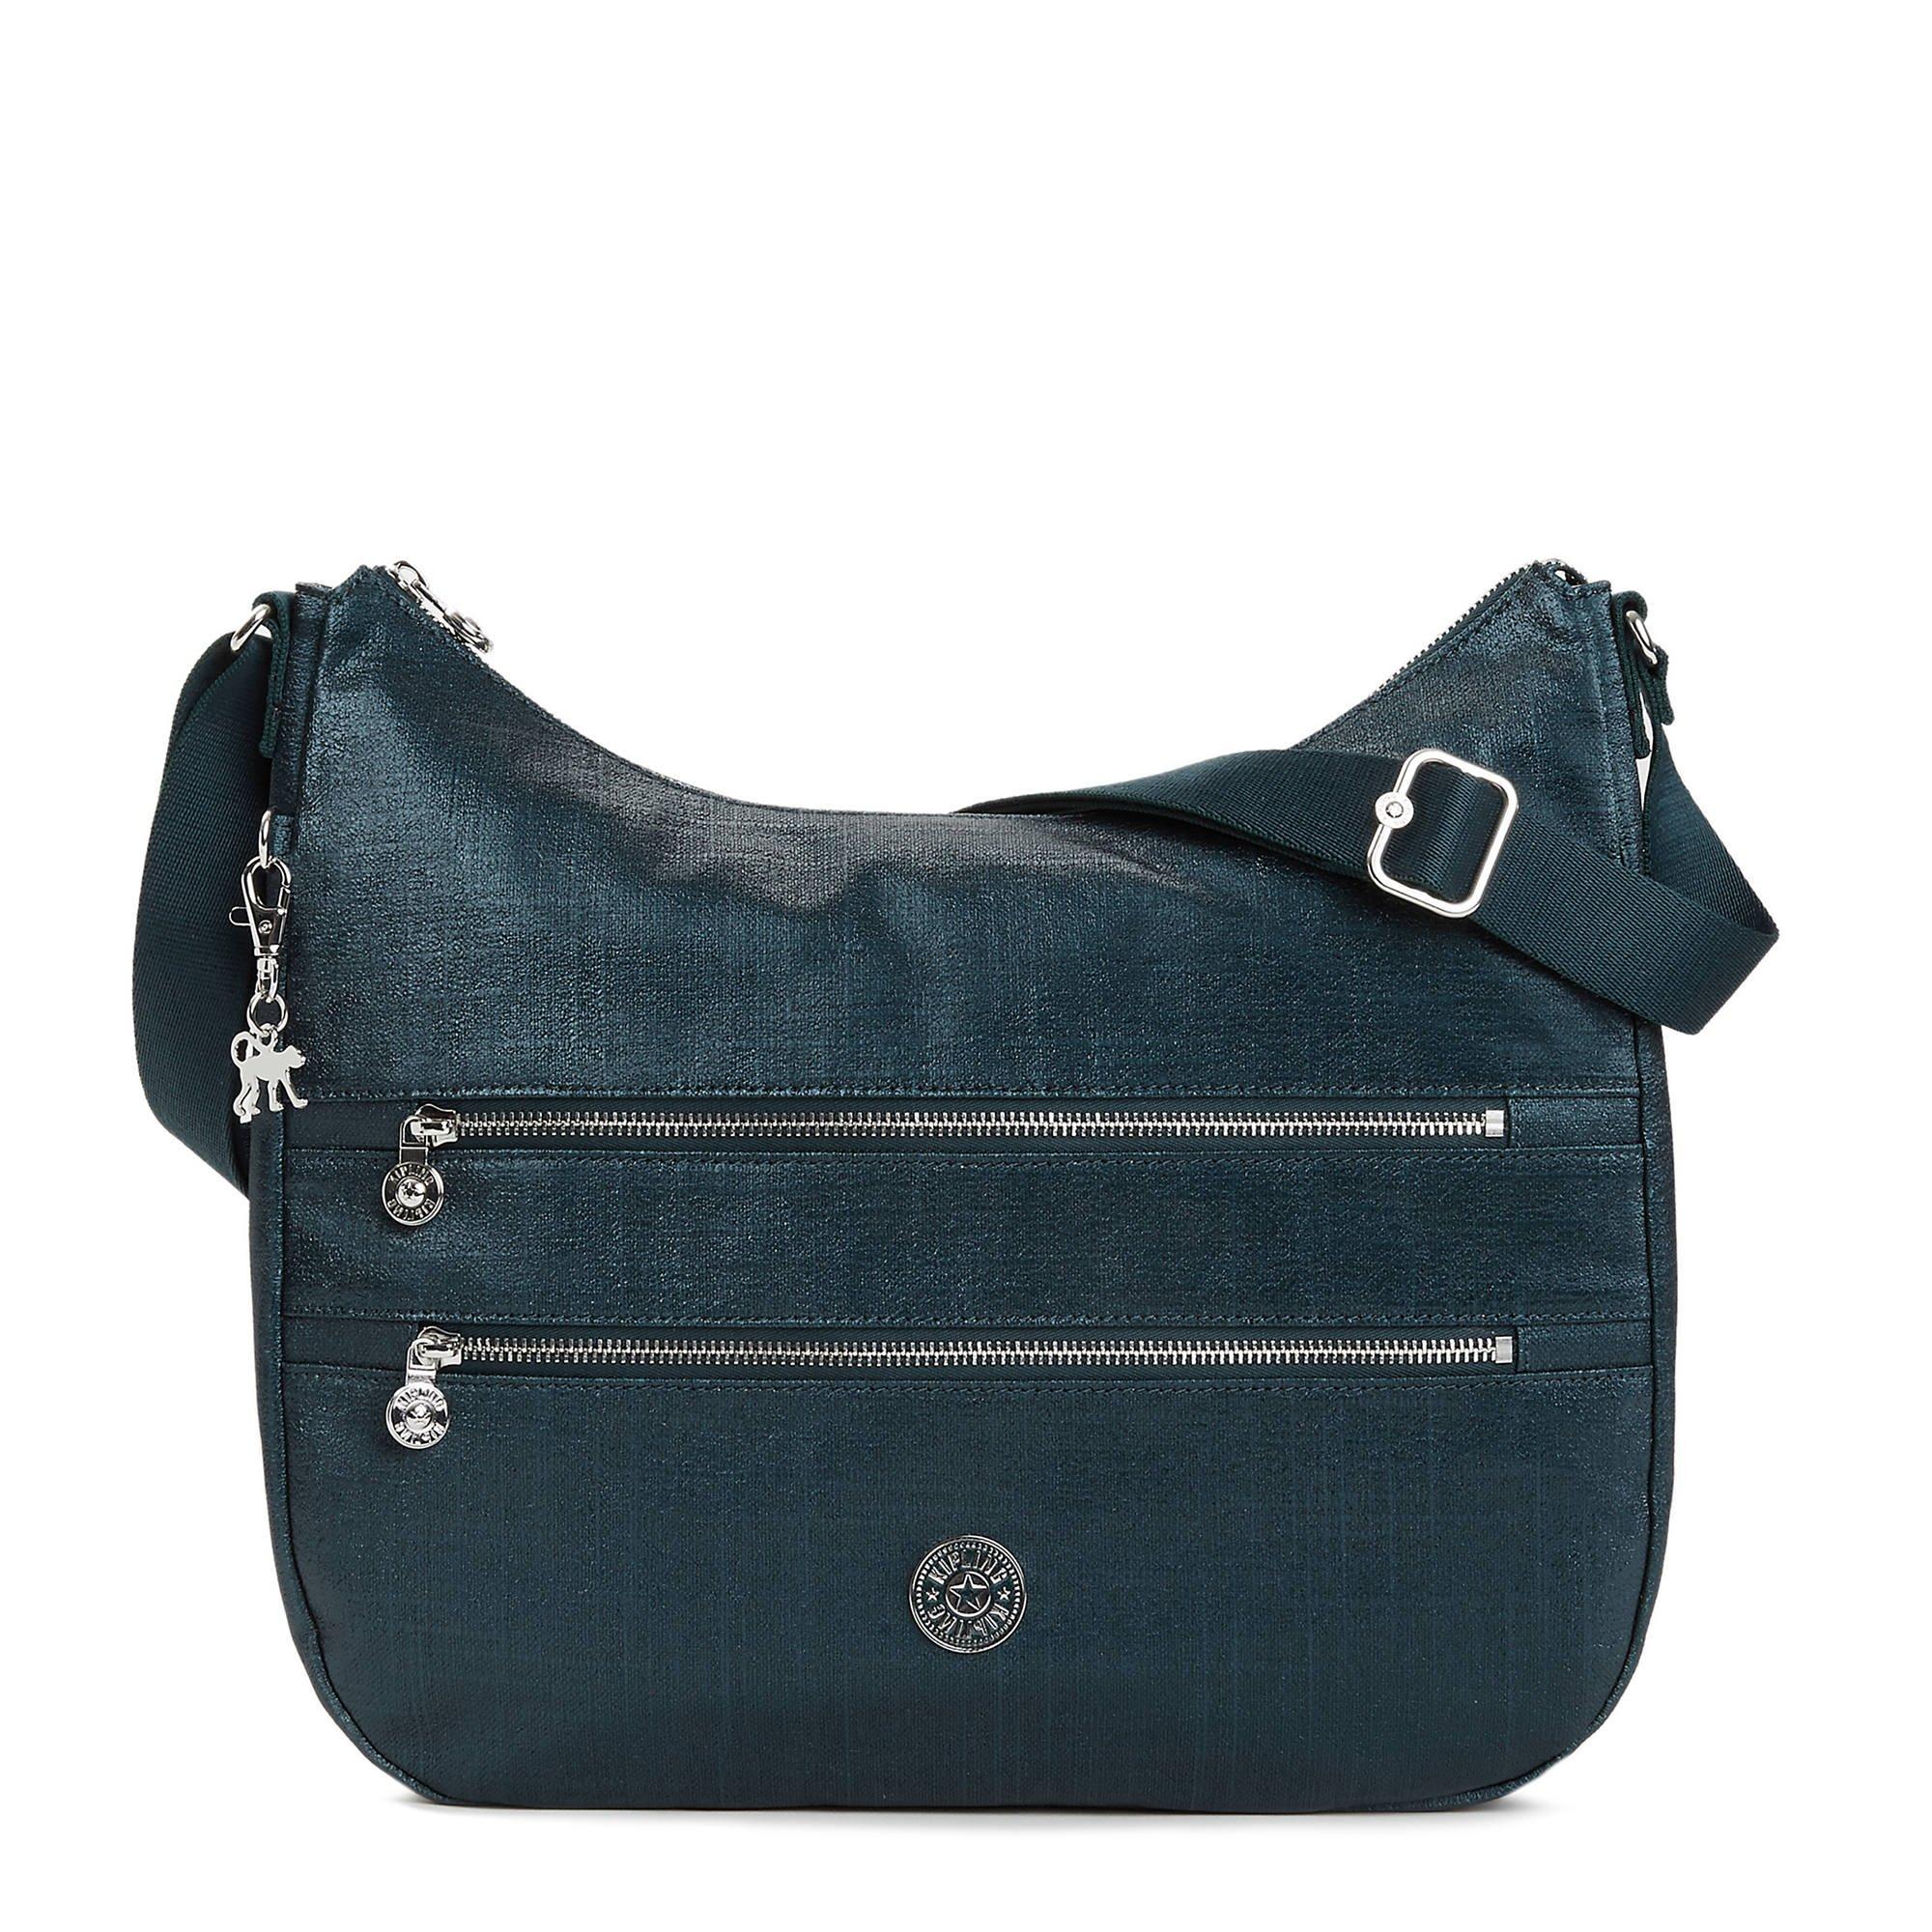 Kipling Women's Bridget Metallic Handbag One Size Blended Blue Metallic